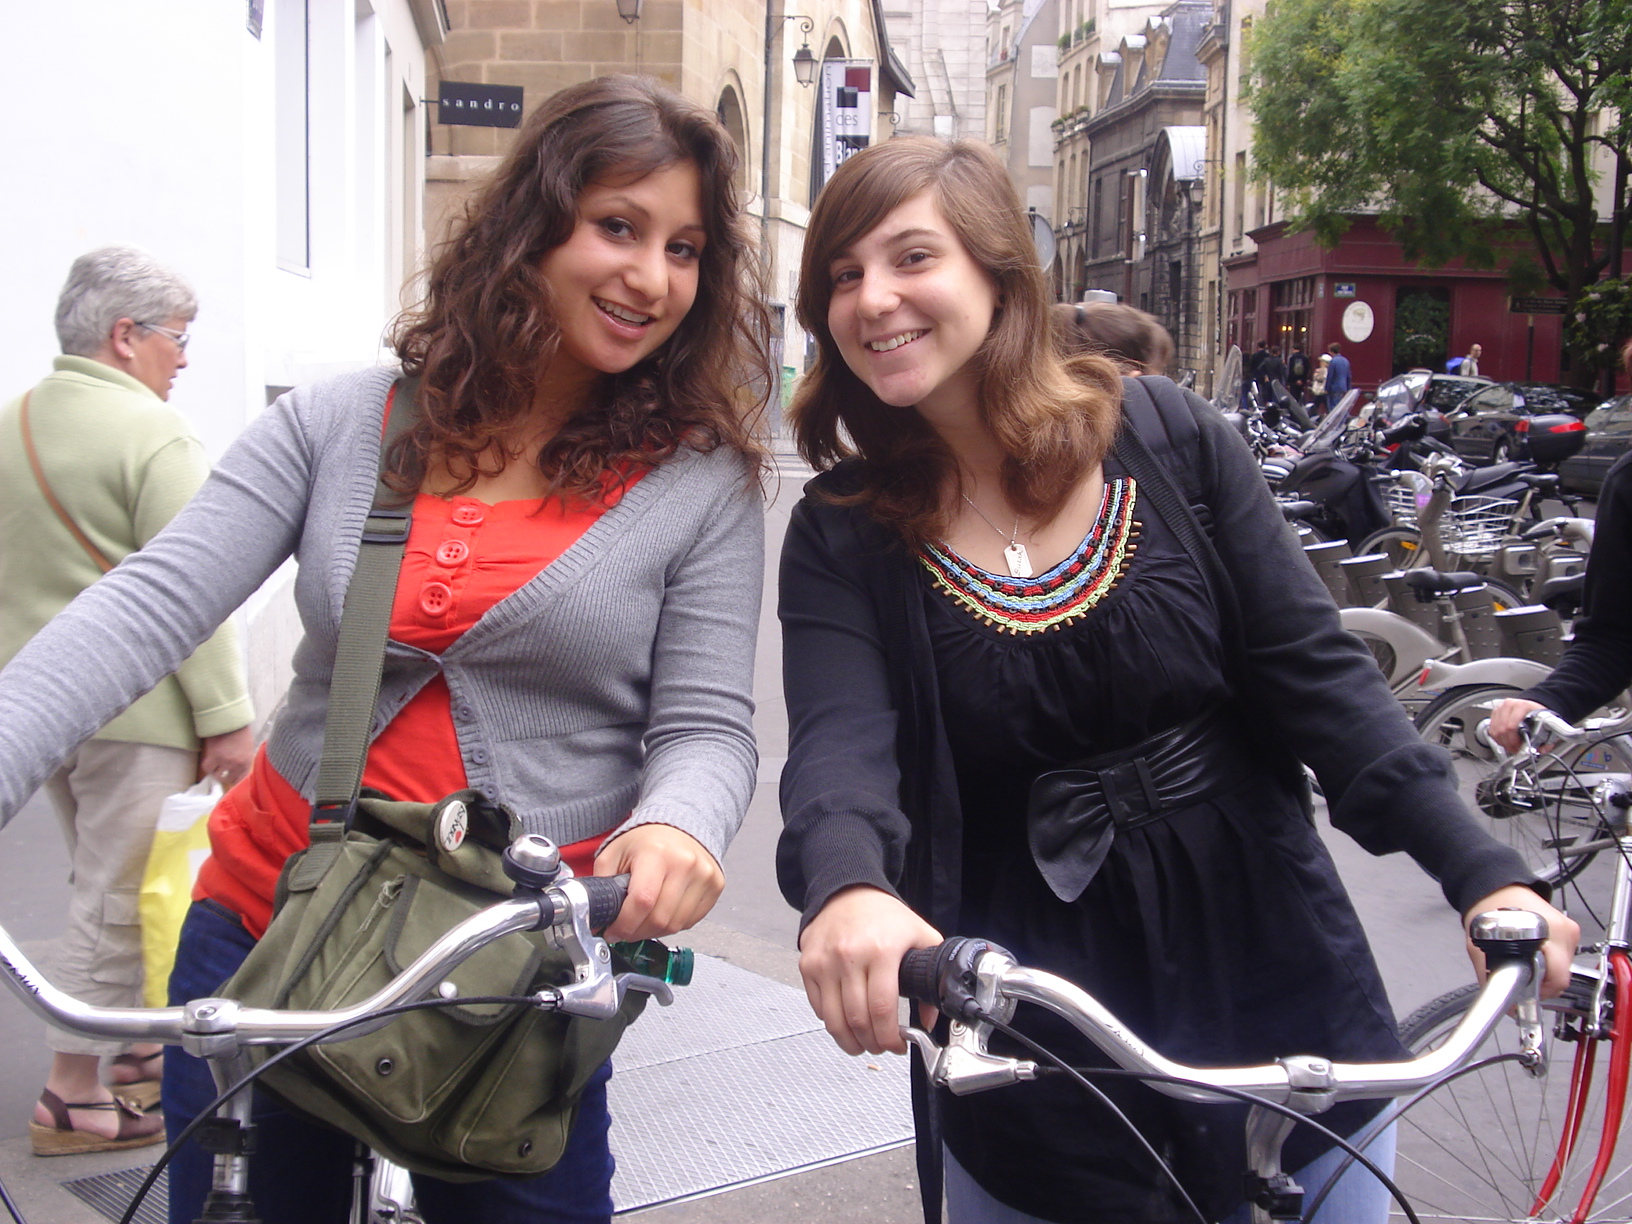 Bei Studienfahrten nutzen wir häufig das Fahrrad als Fortbewegungsmittel in den Großstädten. Es vermittelt den jungen Menschen einen ganz anderen Eindruck von ihrer Umgebung und ermöglicht mehr Flexibilität zur Selbstaneignung von Stadt und Thema der Studienfahrt. Auf unserem Foto sind Elif und Selin in Paris zu sehen.